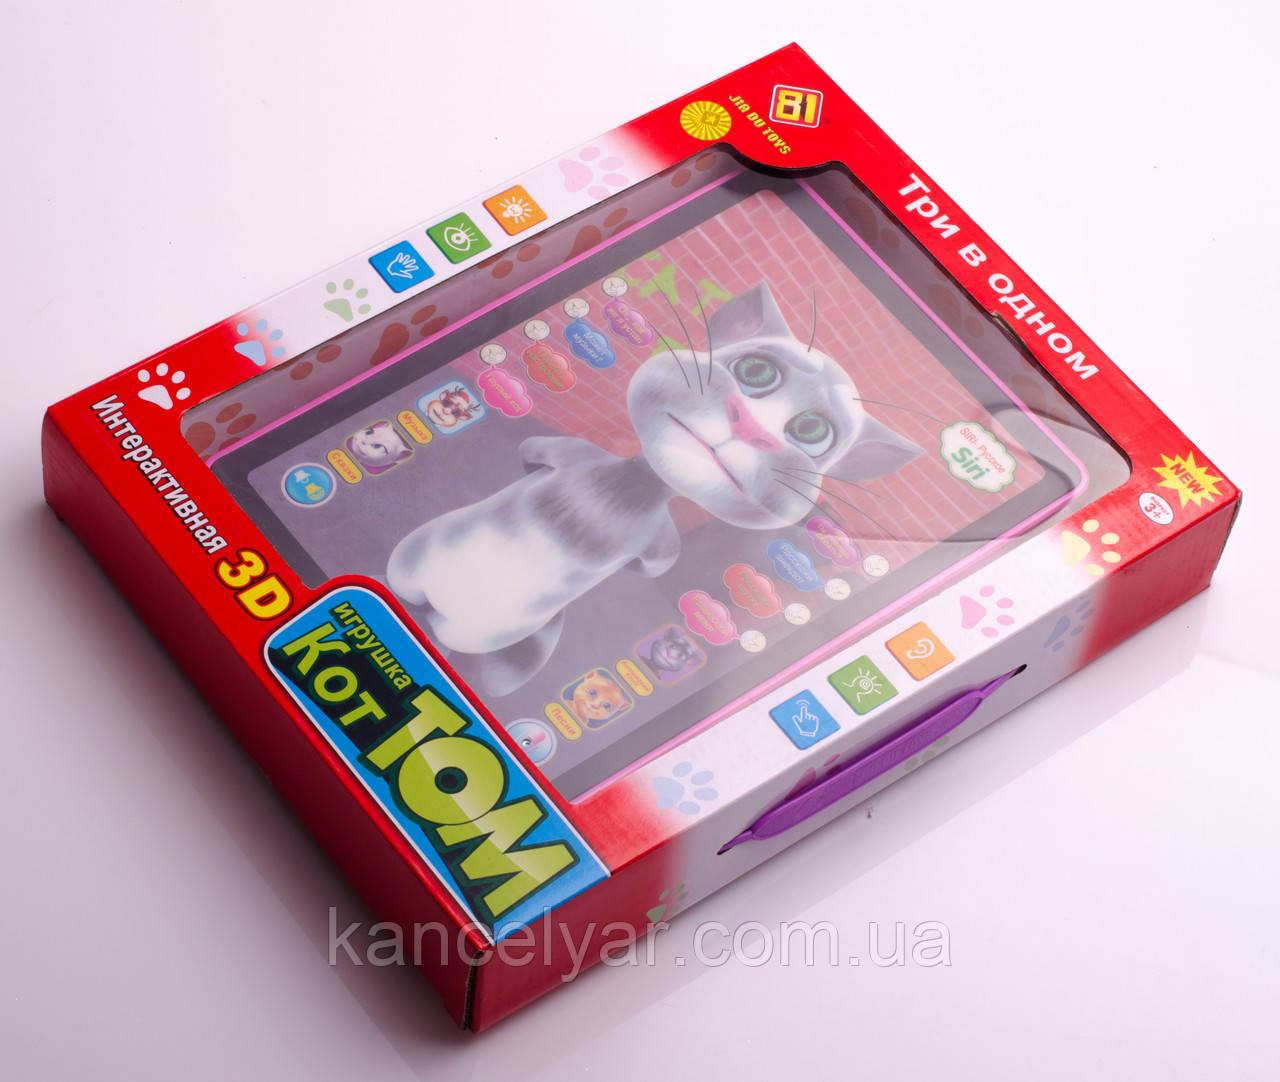 """Інтерактивна гра - планшет """"Кіт Том"""", 3 в 1"""